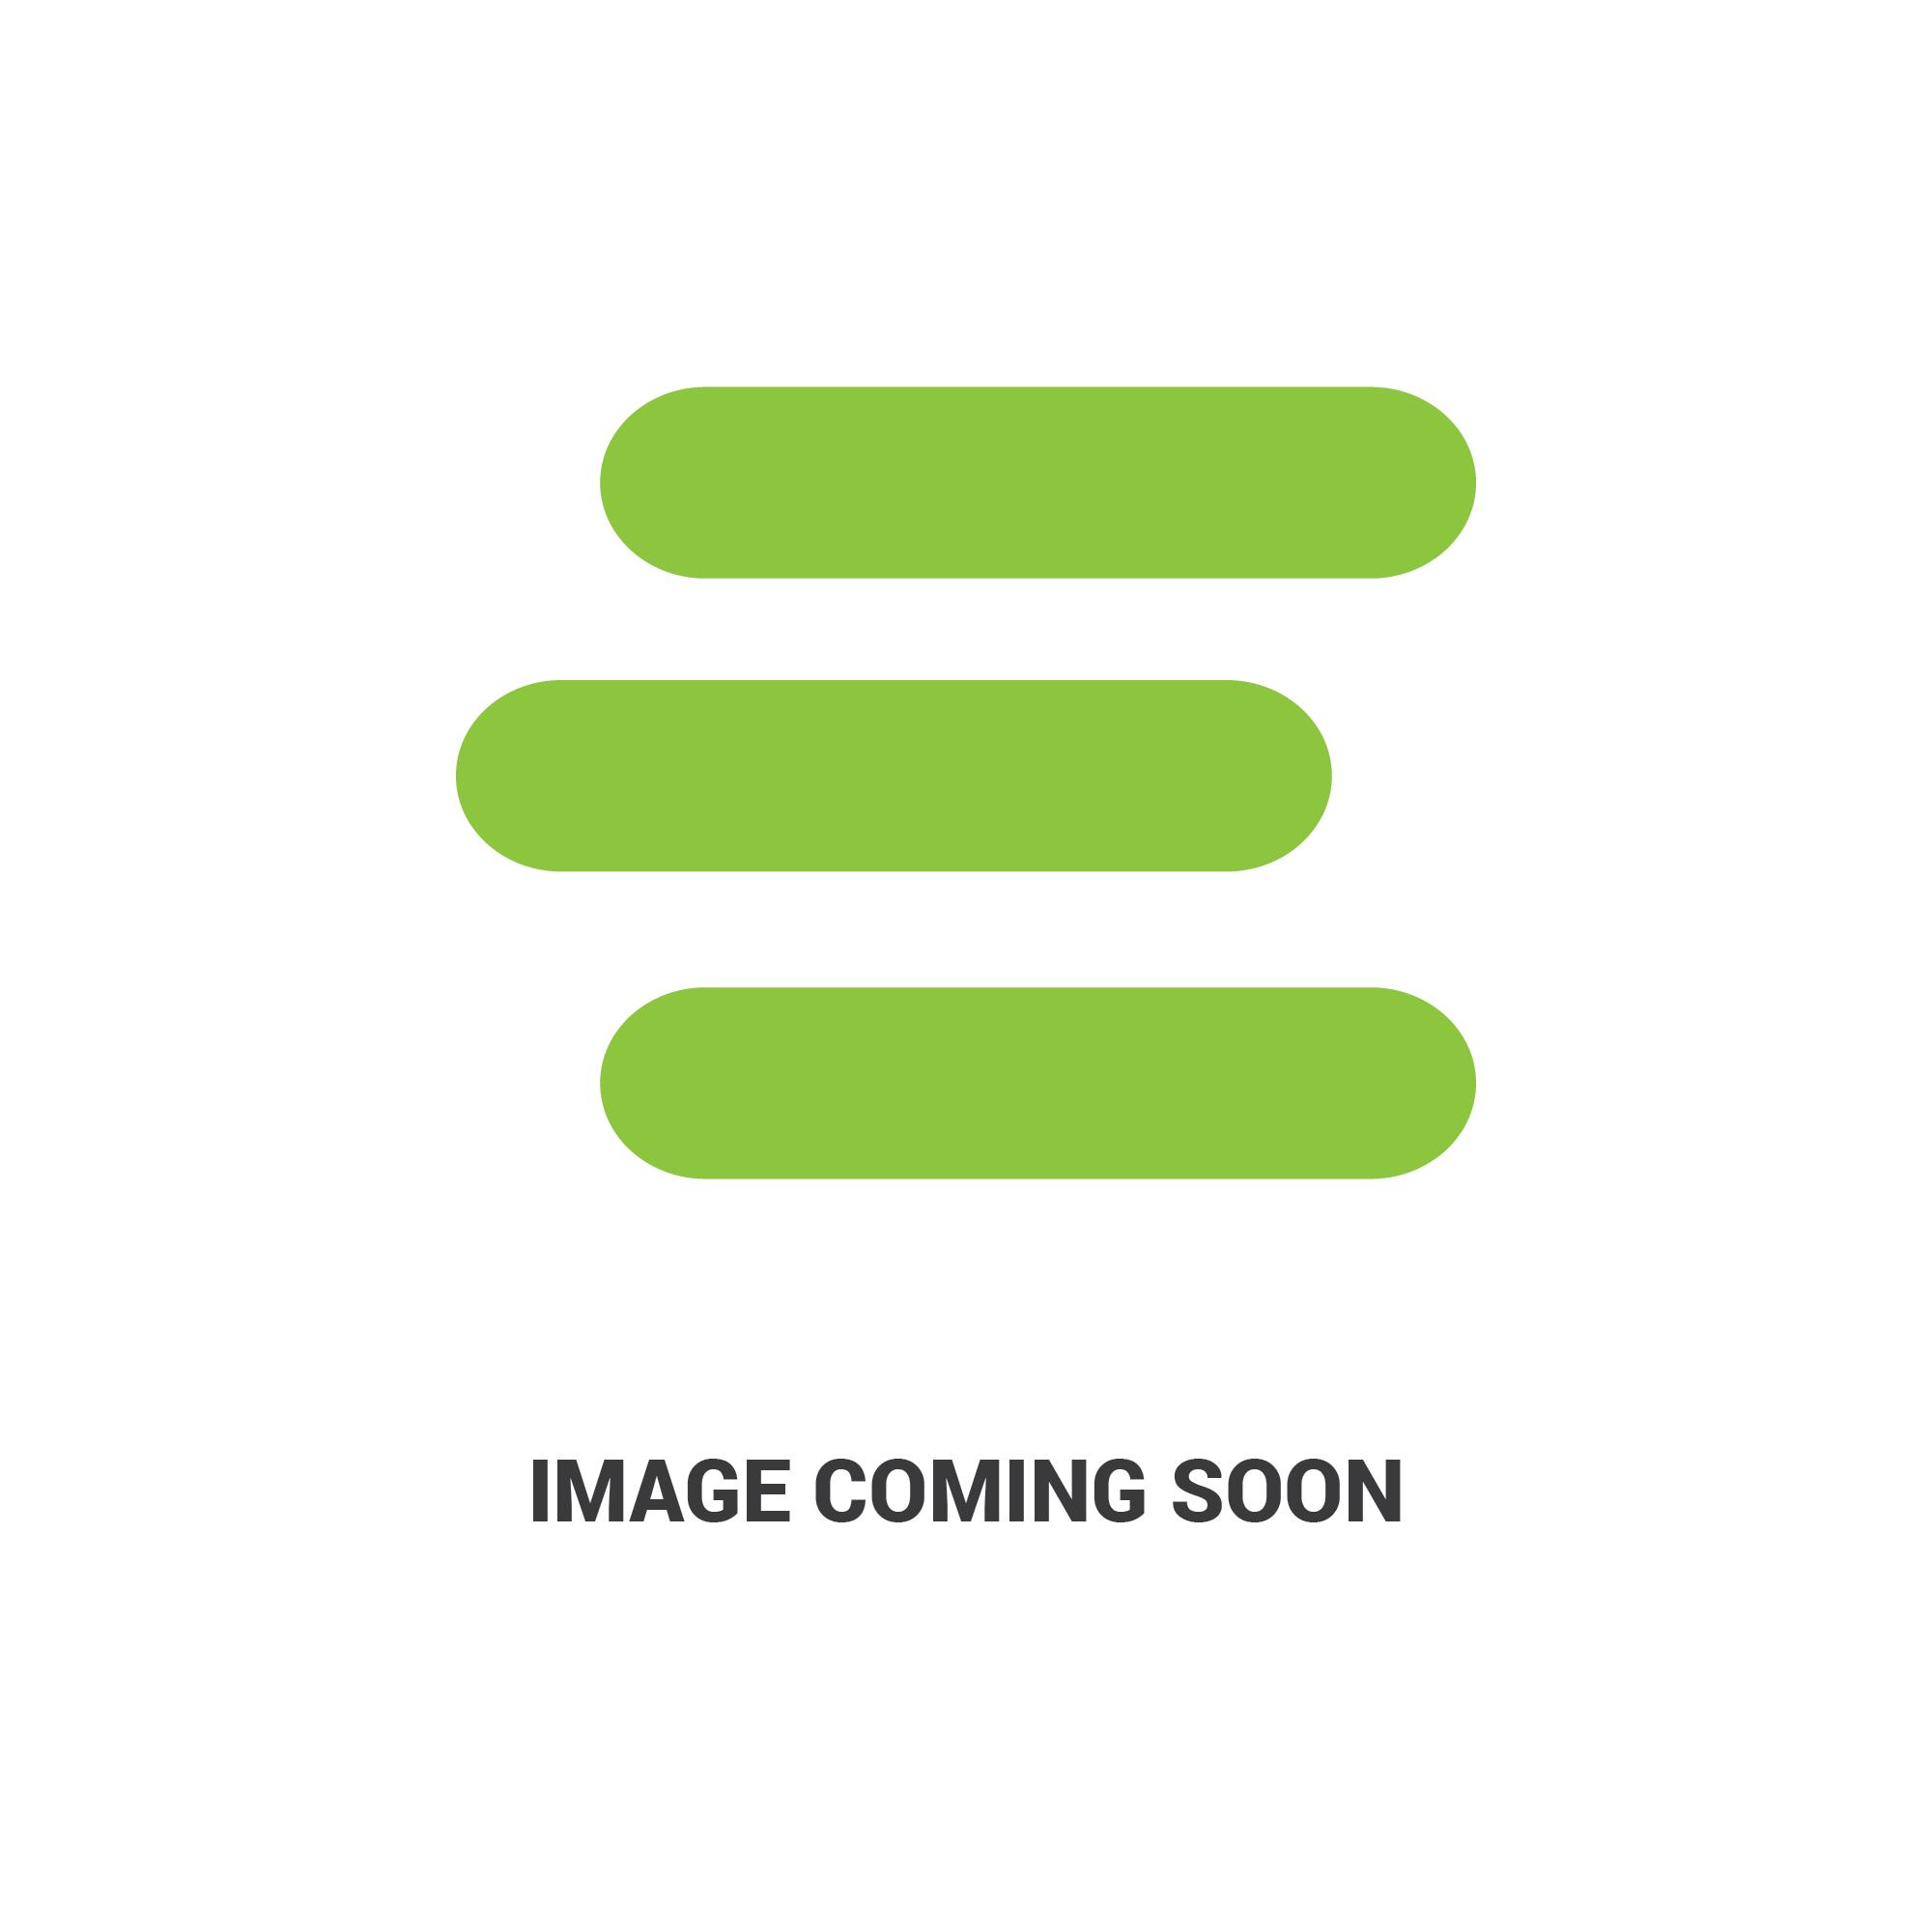 E-3C091-41690edit 1.jpg